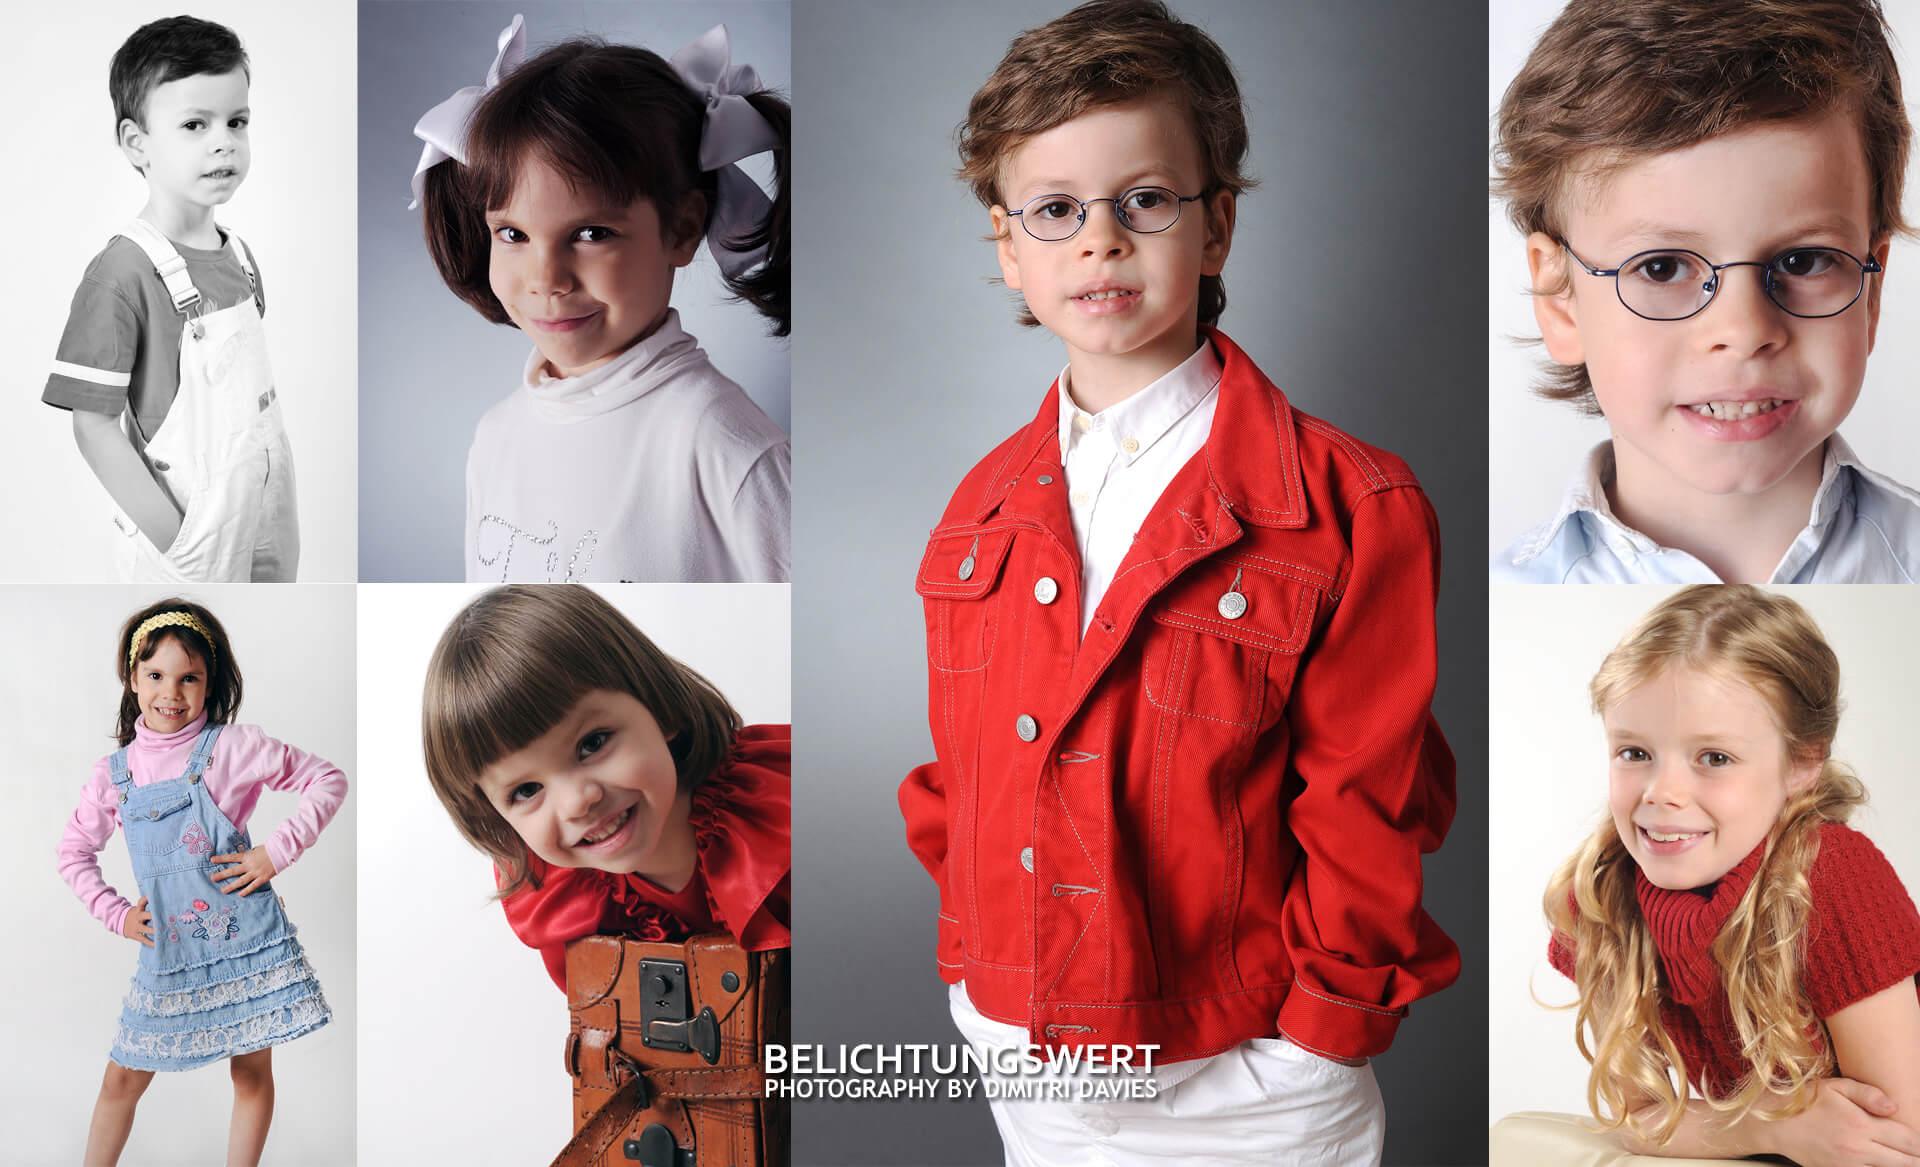 Sedcards Für Kinder verschieden Kinder Kollage studio Fotoshooting